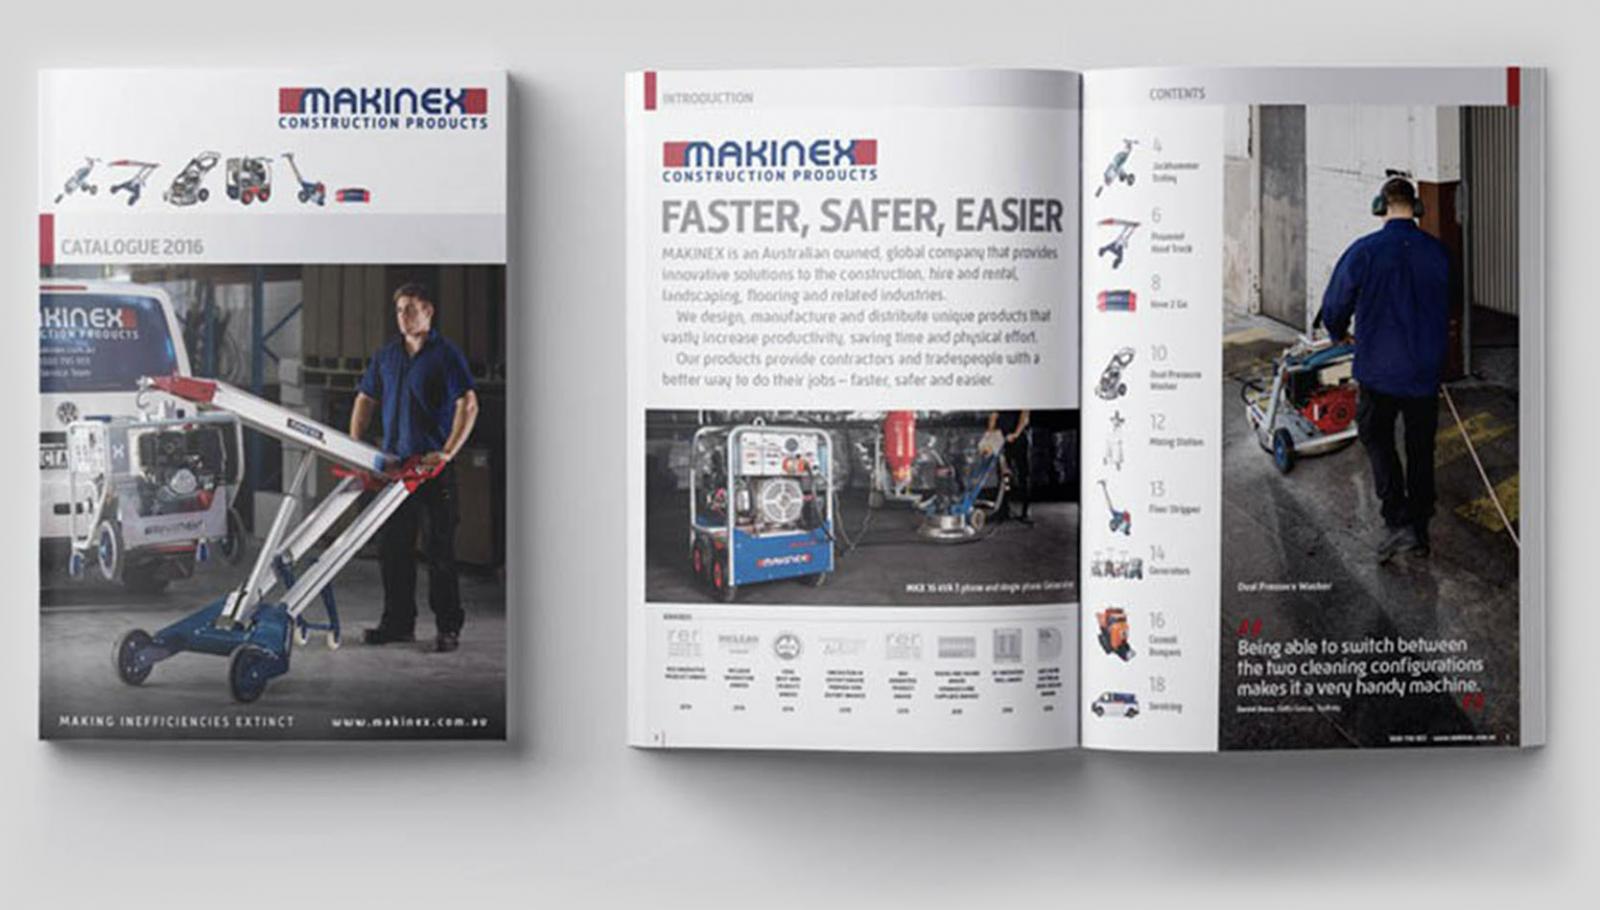 Mẫu catalog đẹp cho công ty xây dựng